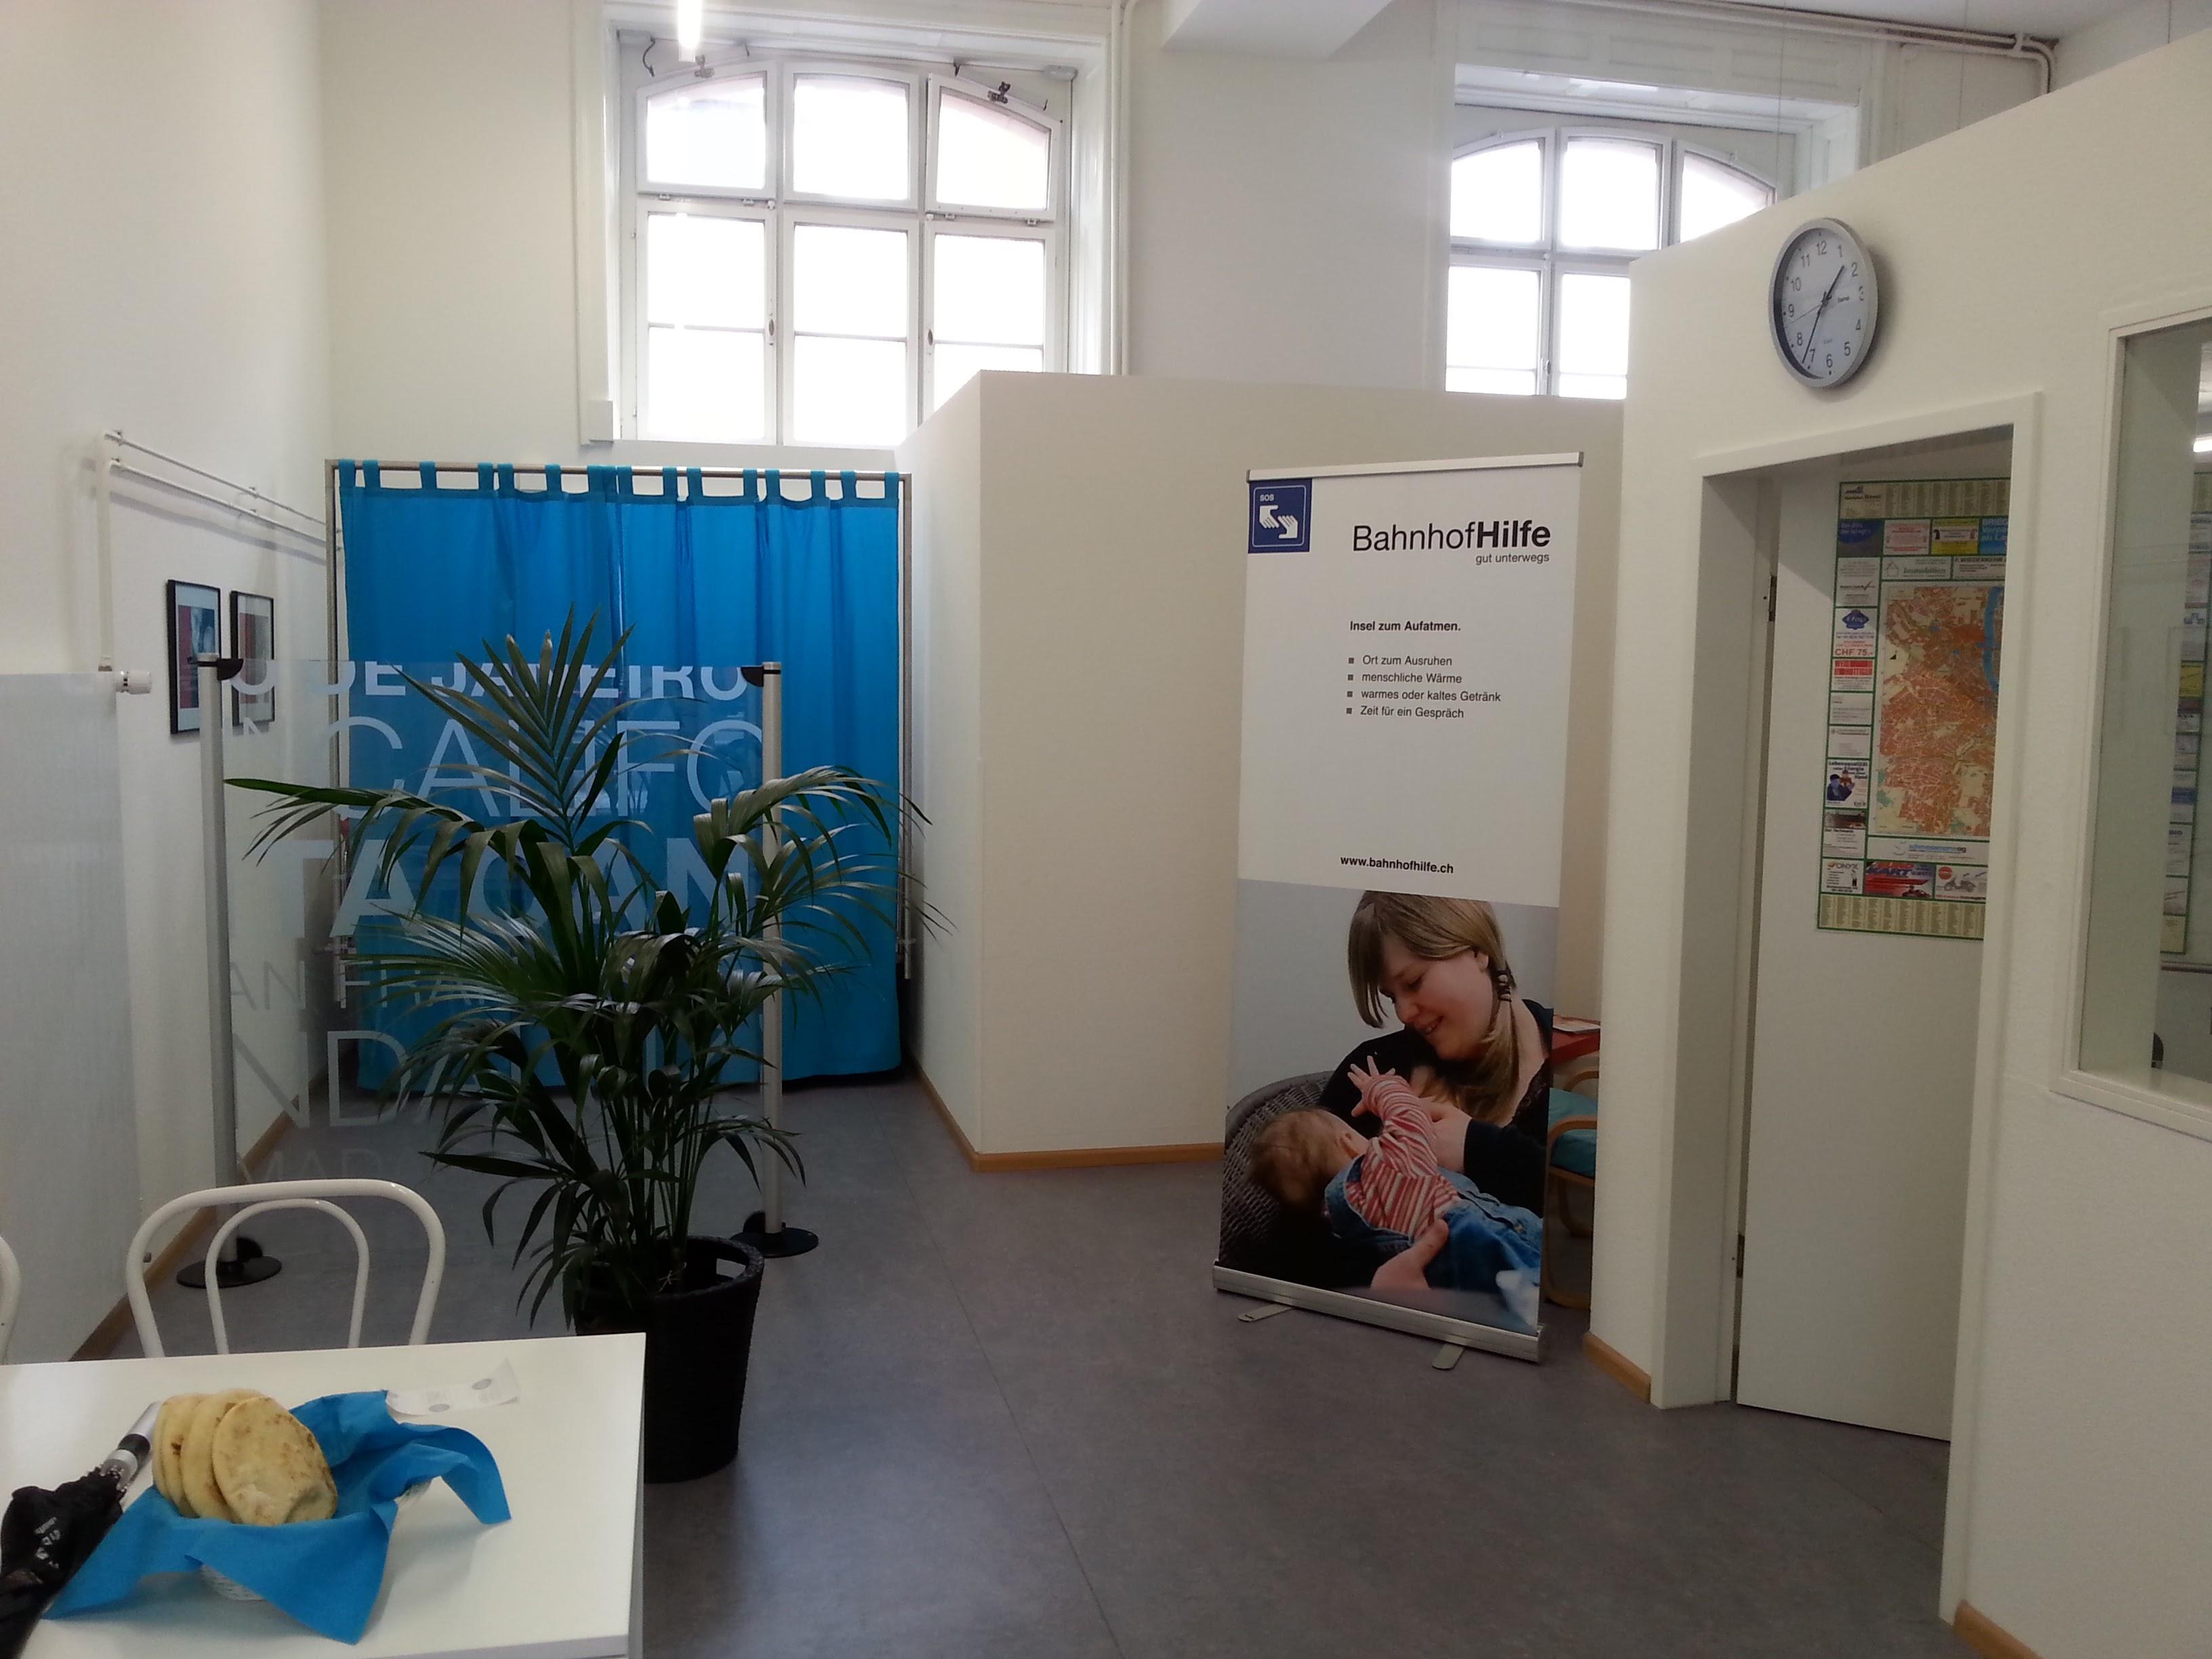 http://www.babyfreundlich.ch/bilder/blog/Babyfreundlich_Bahnhofhilfe2.jpg